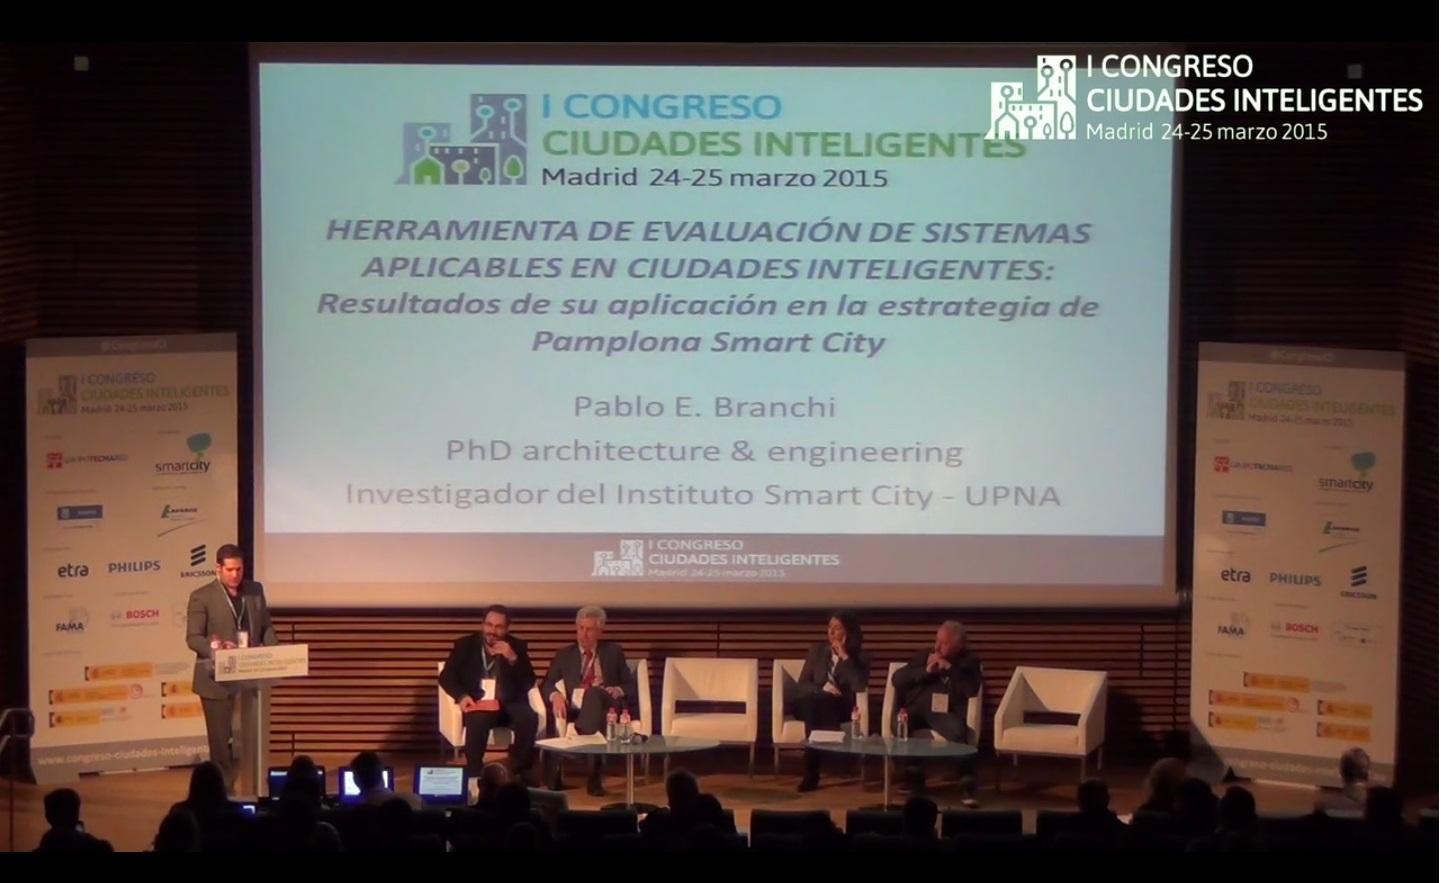 Artículo De SUR En El I Congreso Sobre Ciudades Inteligentes-Madrid 2015